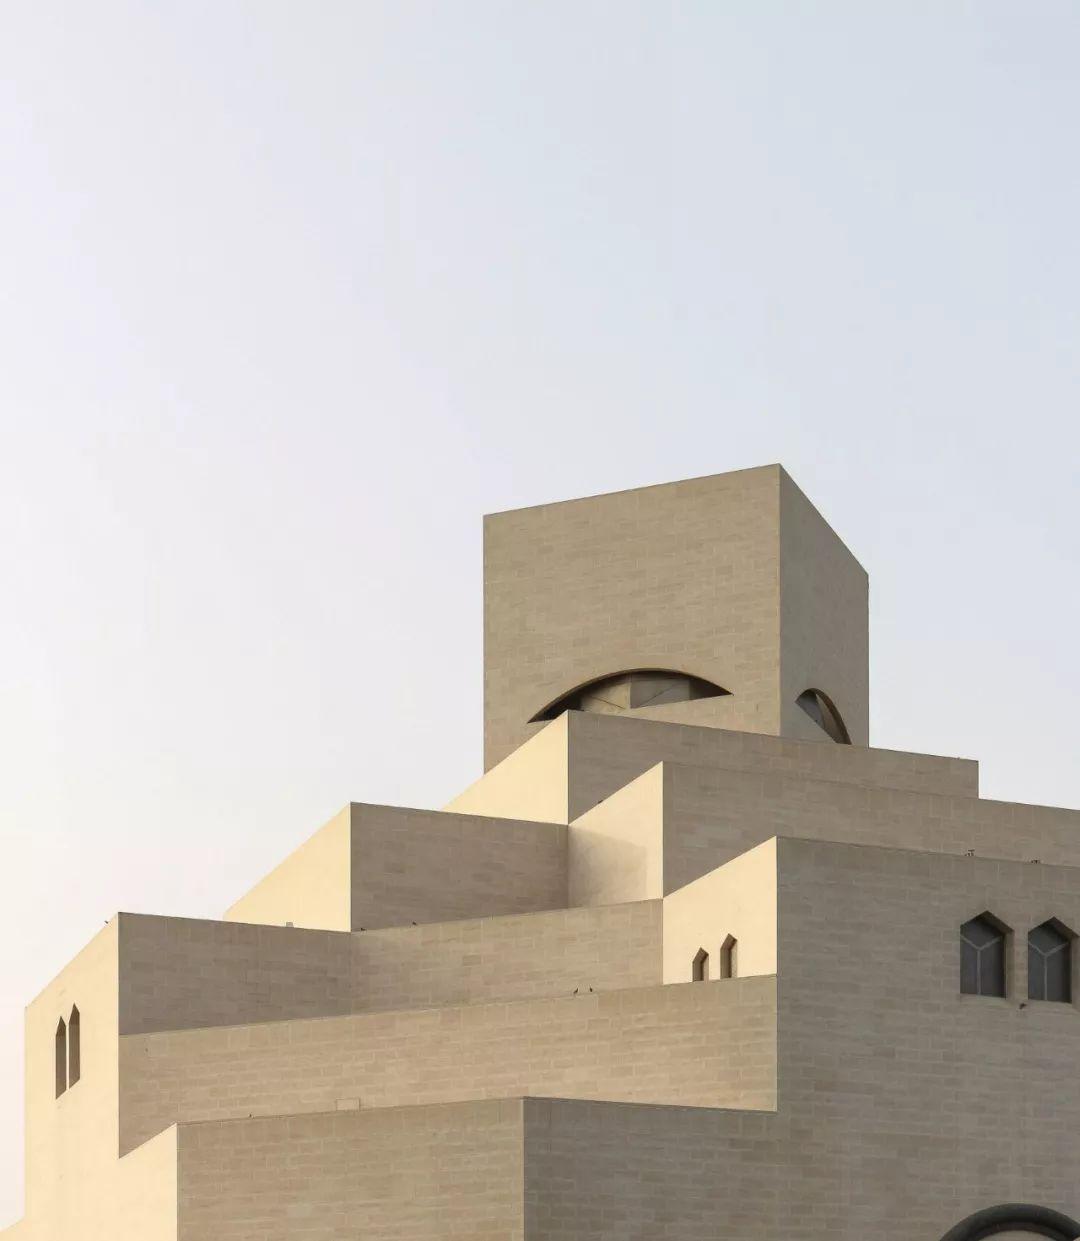 致敬贝聿铭:世界上最会用「三角形」的建筑大师_83